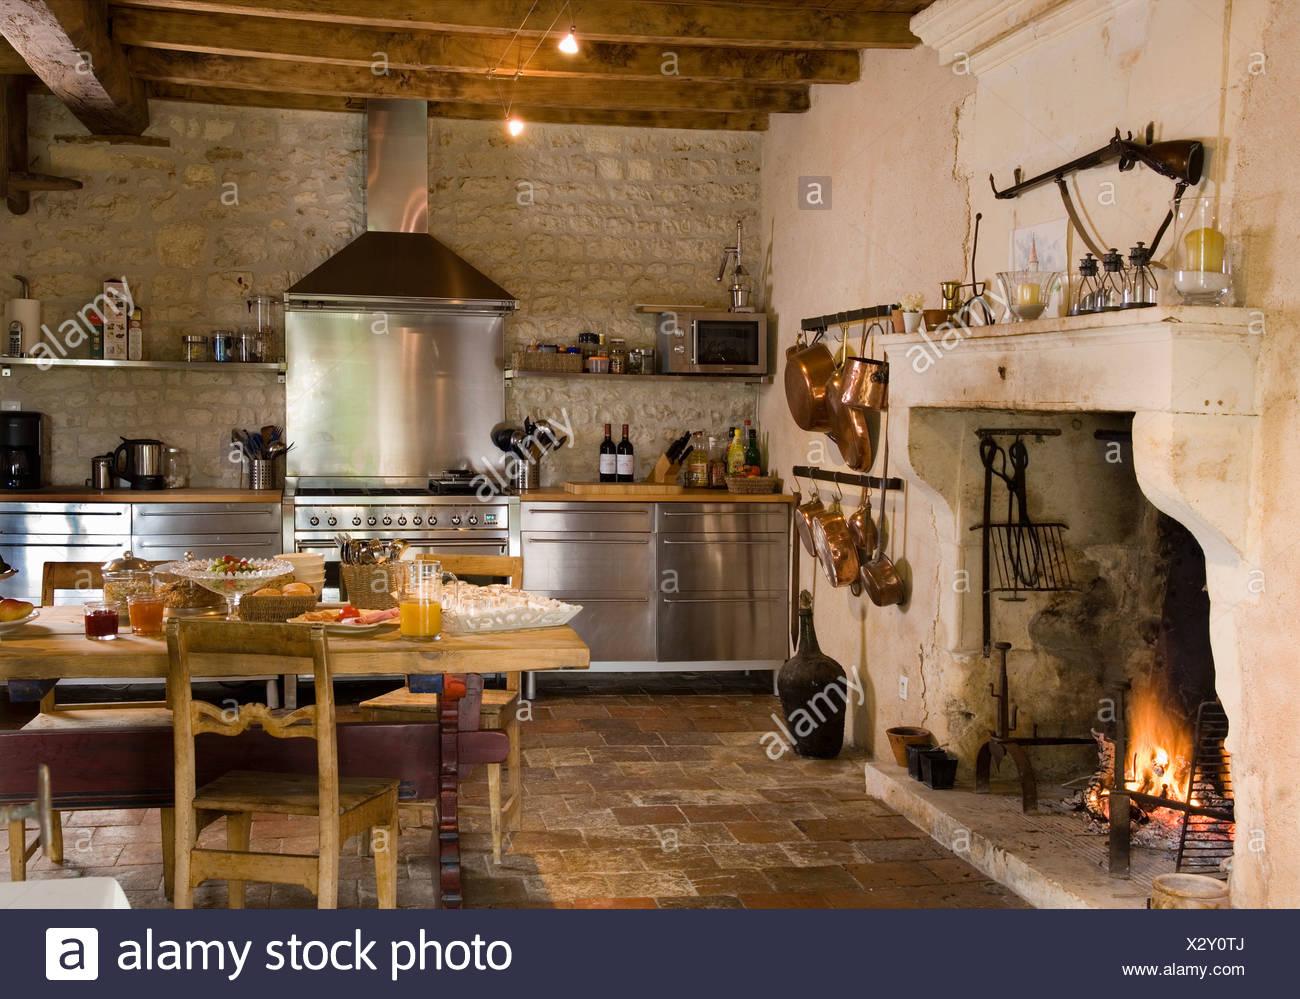 Acceso il fuoco nel camino in cucina di paese con rustici ...